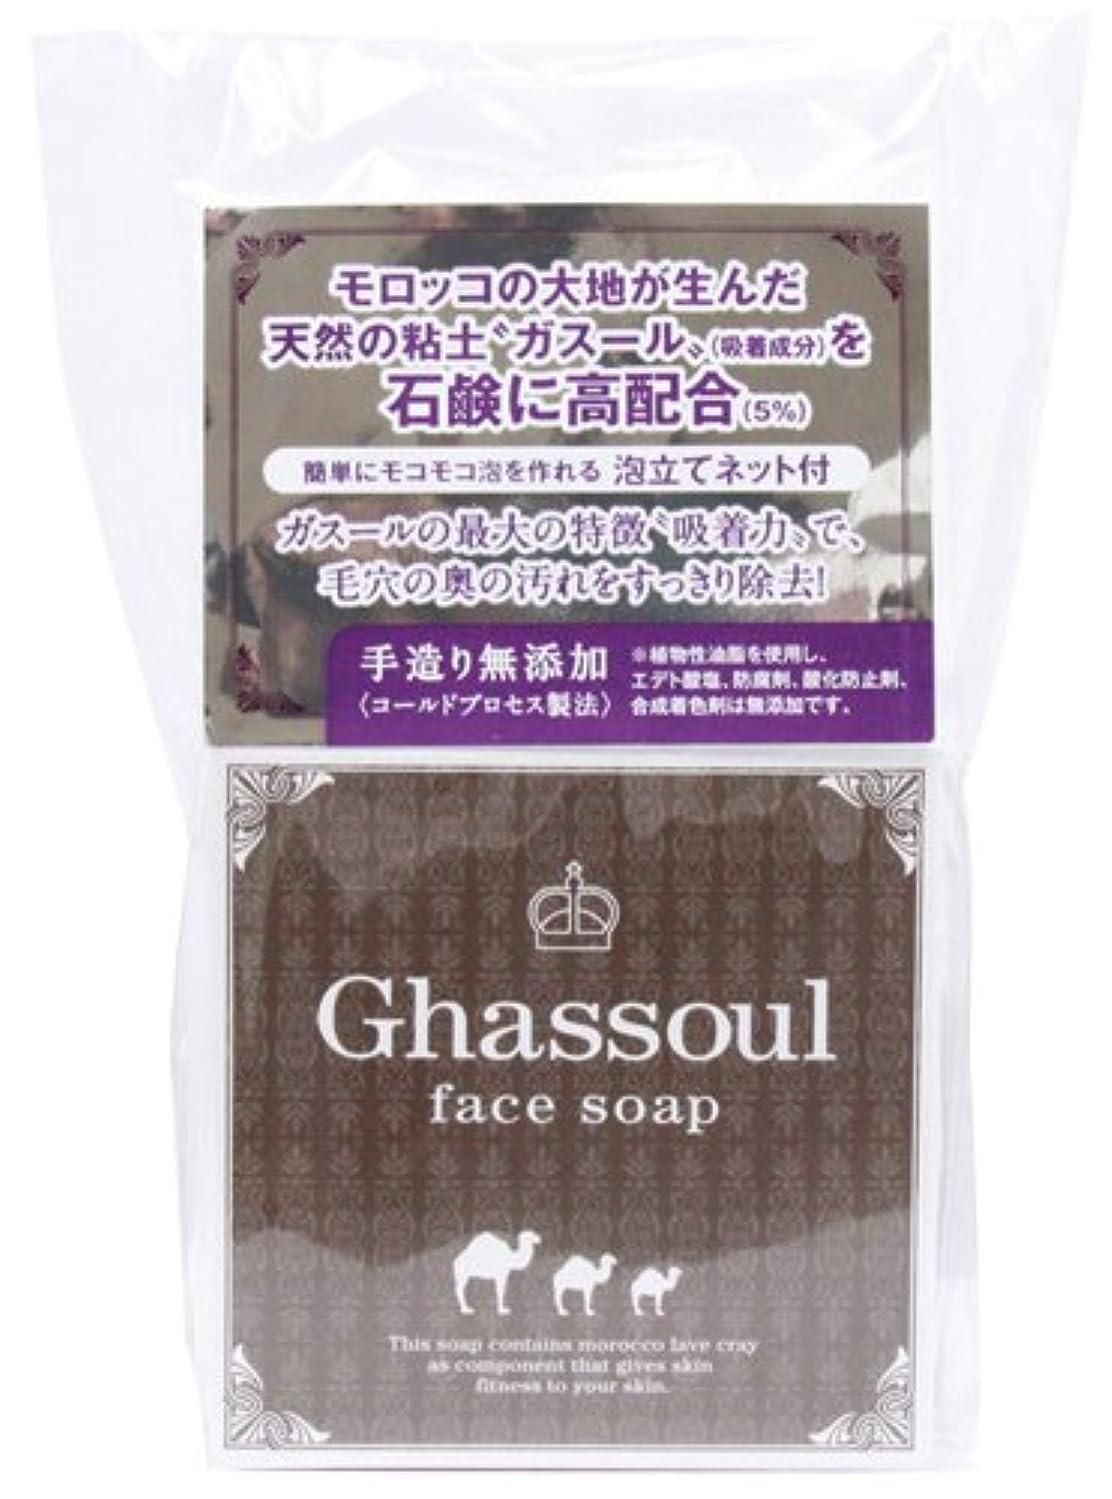 トランペット伝染性の人気のGhassoul face soap ガスールフェイスソープ 100g